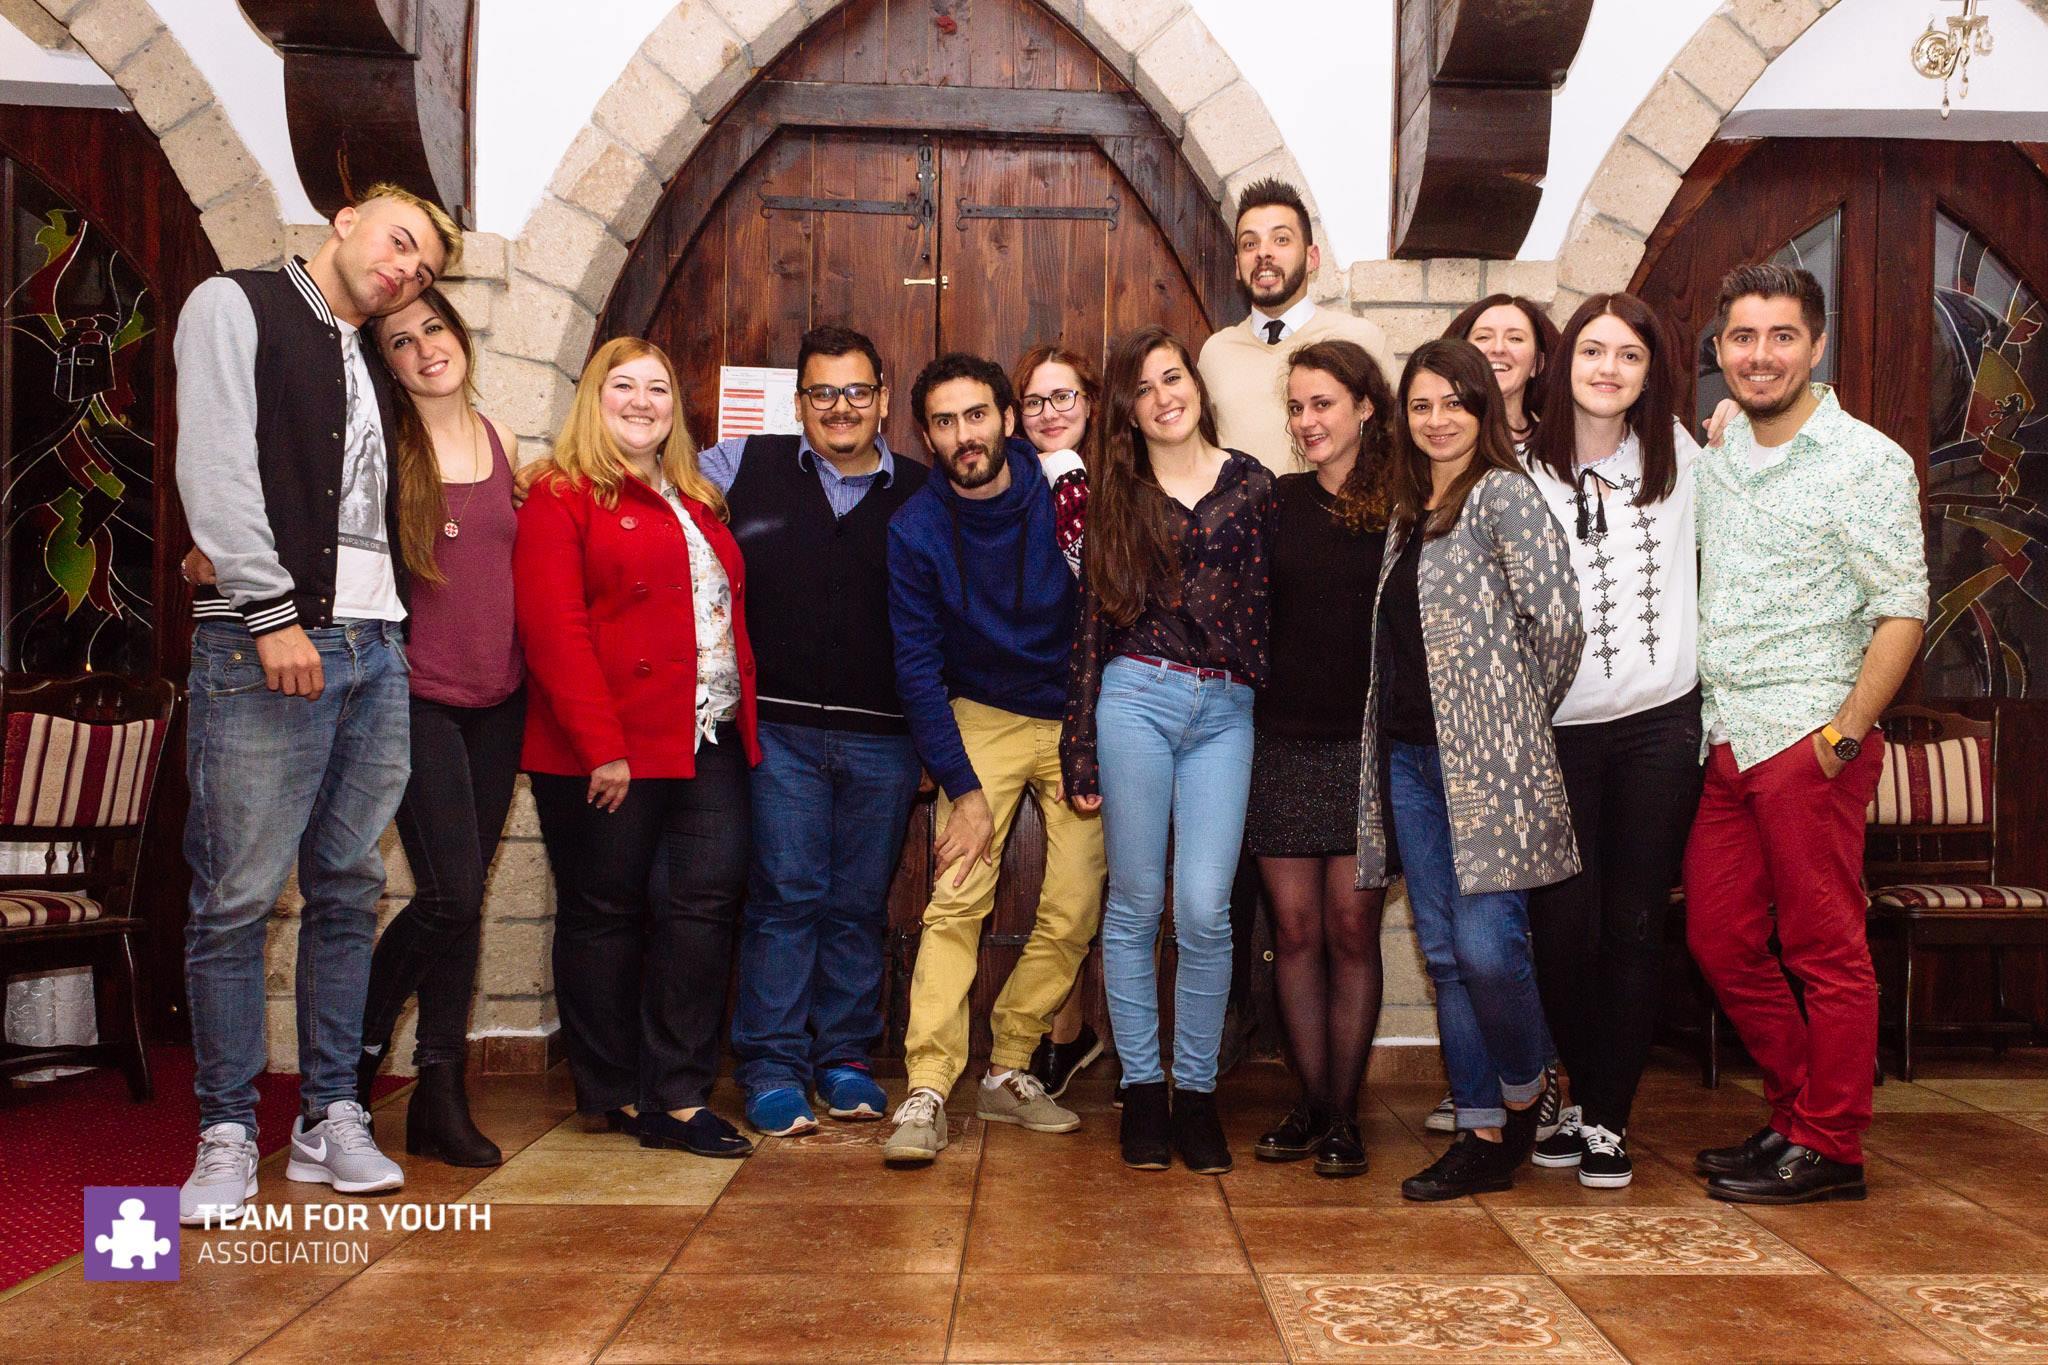 Clara Galiana evs romania baia mare team for youth